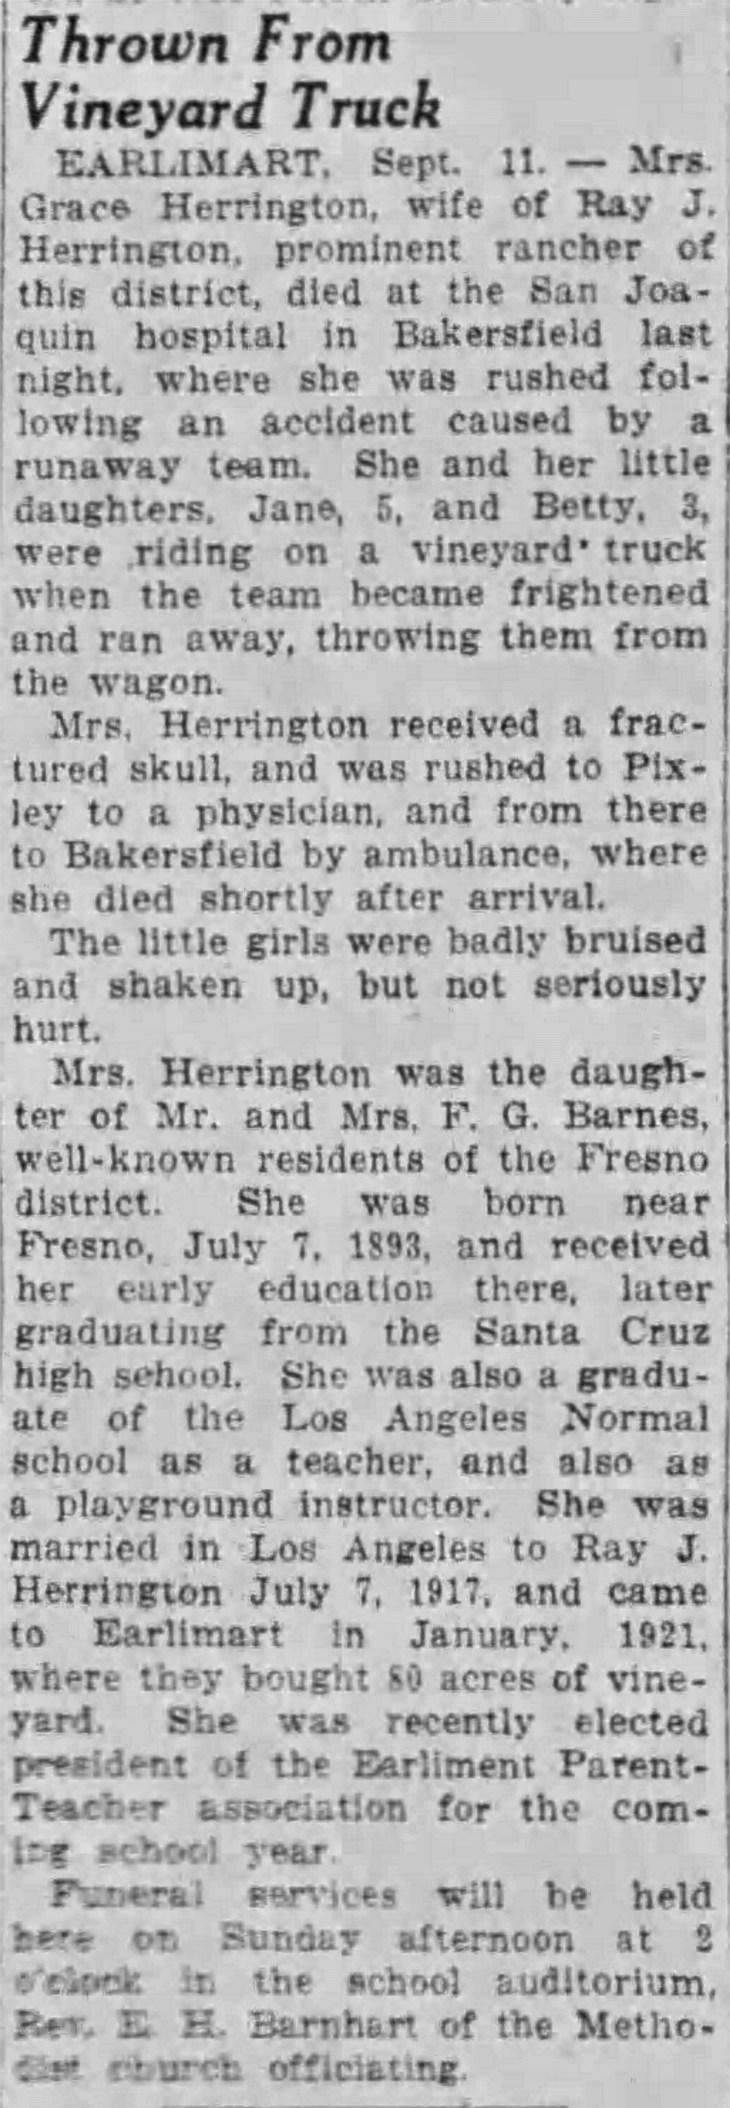 The_Fresno_Morning_Republican_Sat__Sep_12__1925_ (1)